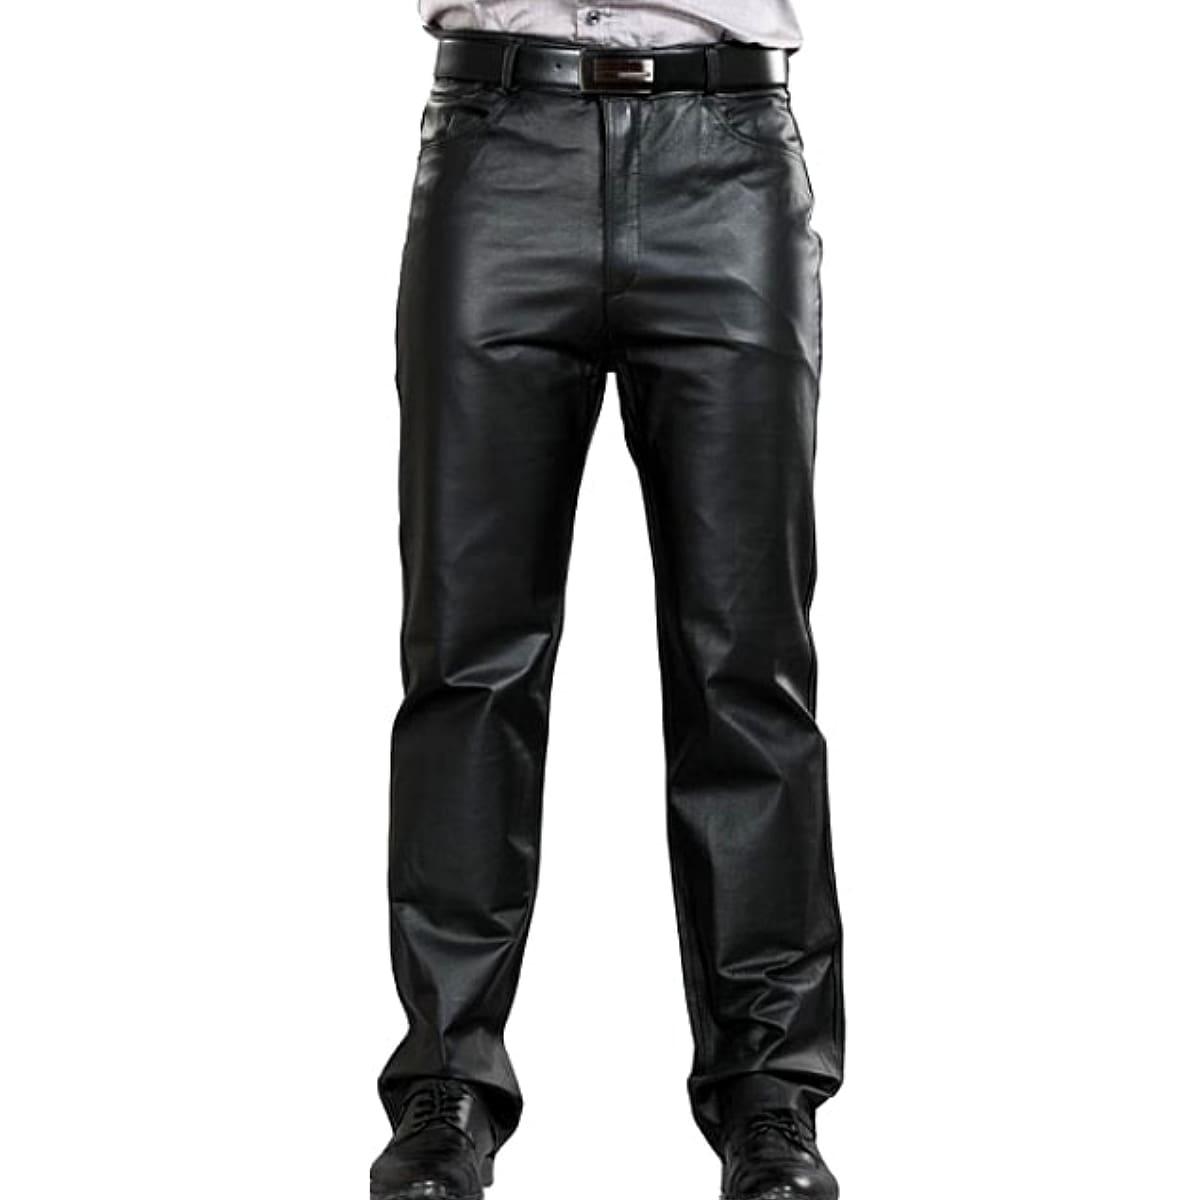 【送料無料!】日本未発売! [Genuine Leather Full Length Straight Biker Pants] ジェニュインレザー・フルレングス・ストレート・バイカー・パンツ! 本革 メンズ ブラック クラシックスタイル ジッパーフライ 革ズボン 革パン バイクに! 大きいサイズ!